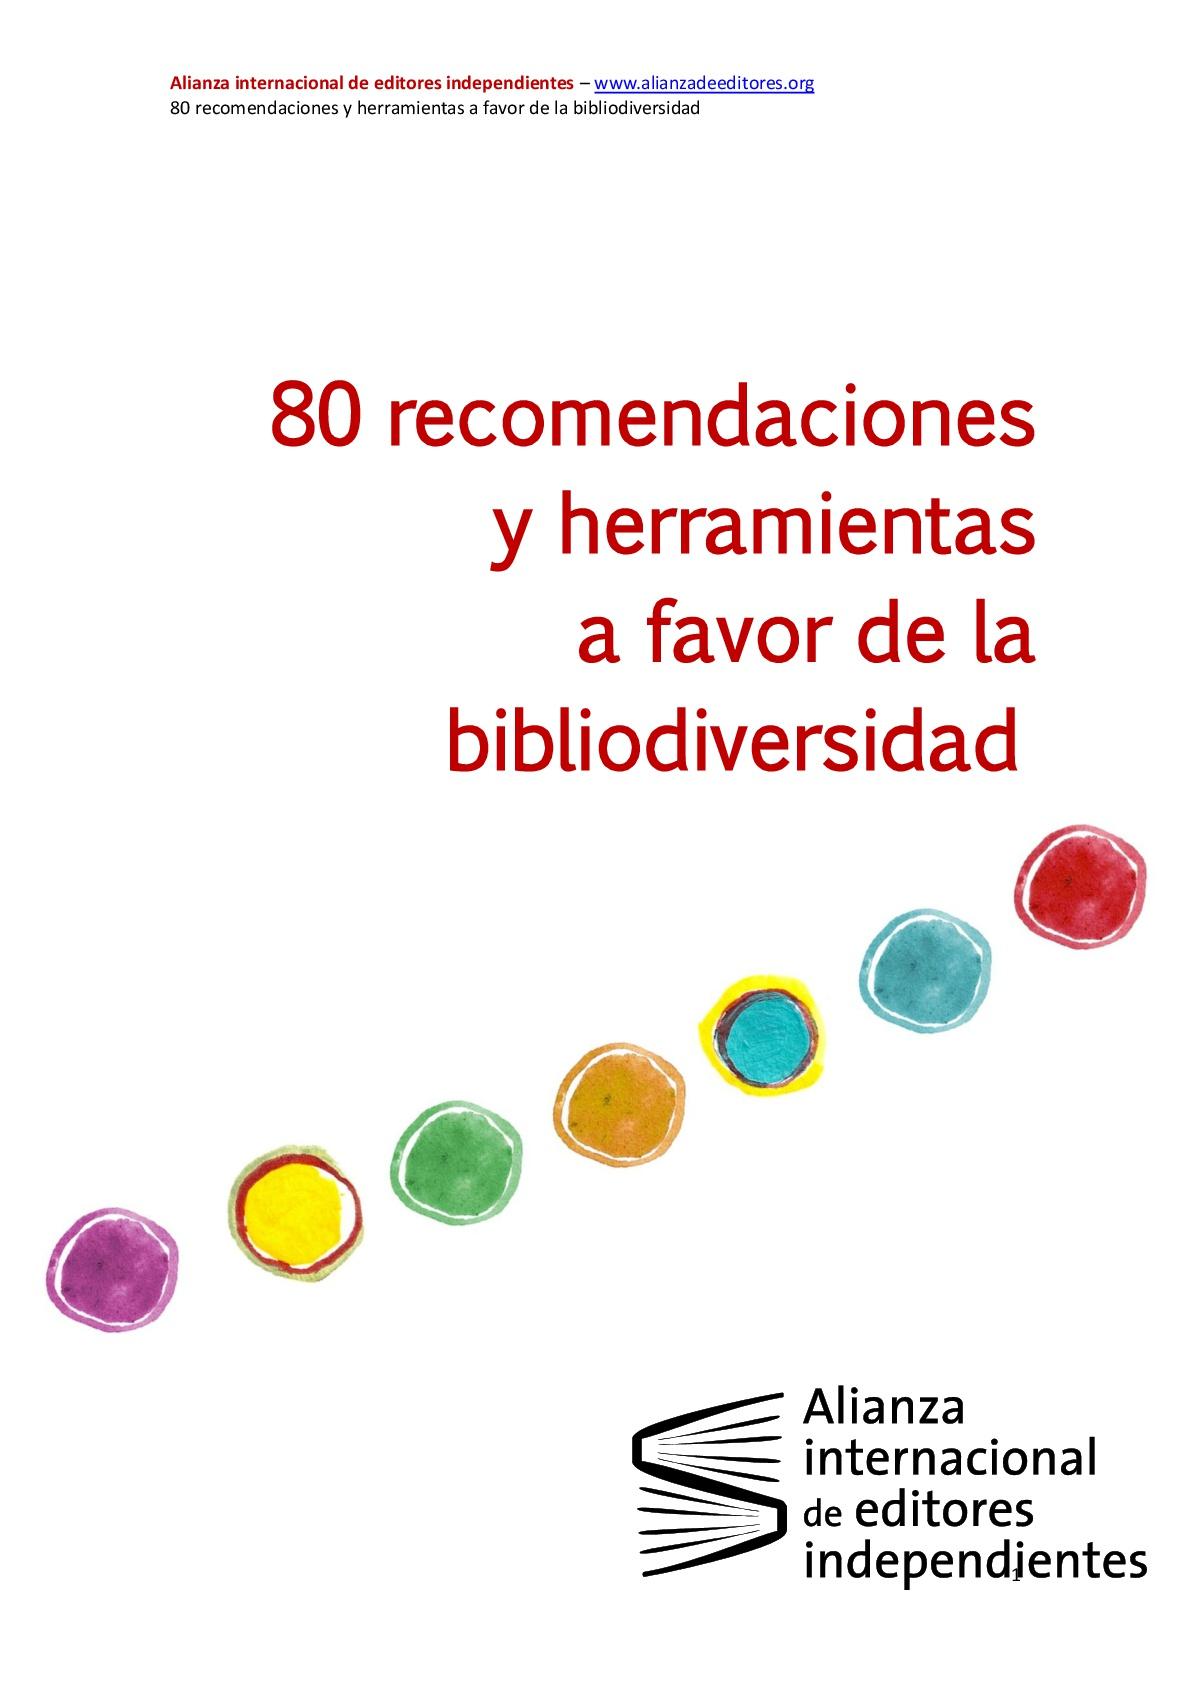 80 recomendaciones y herramientas a favor de la bibliodiversidad